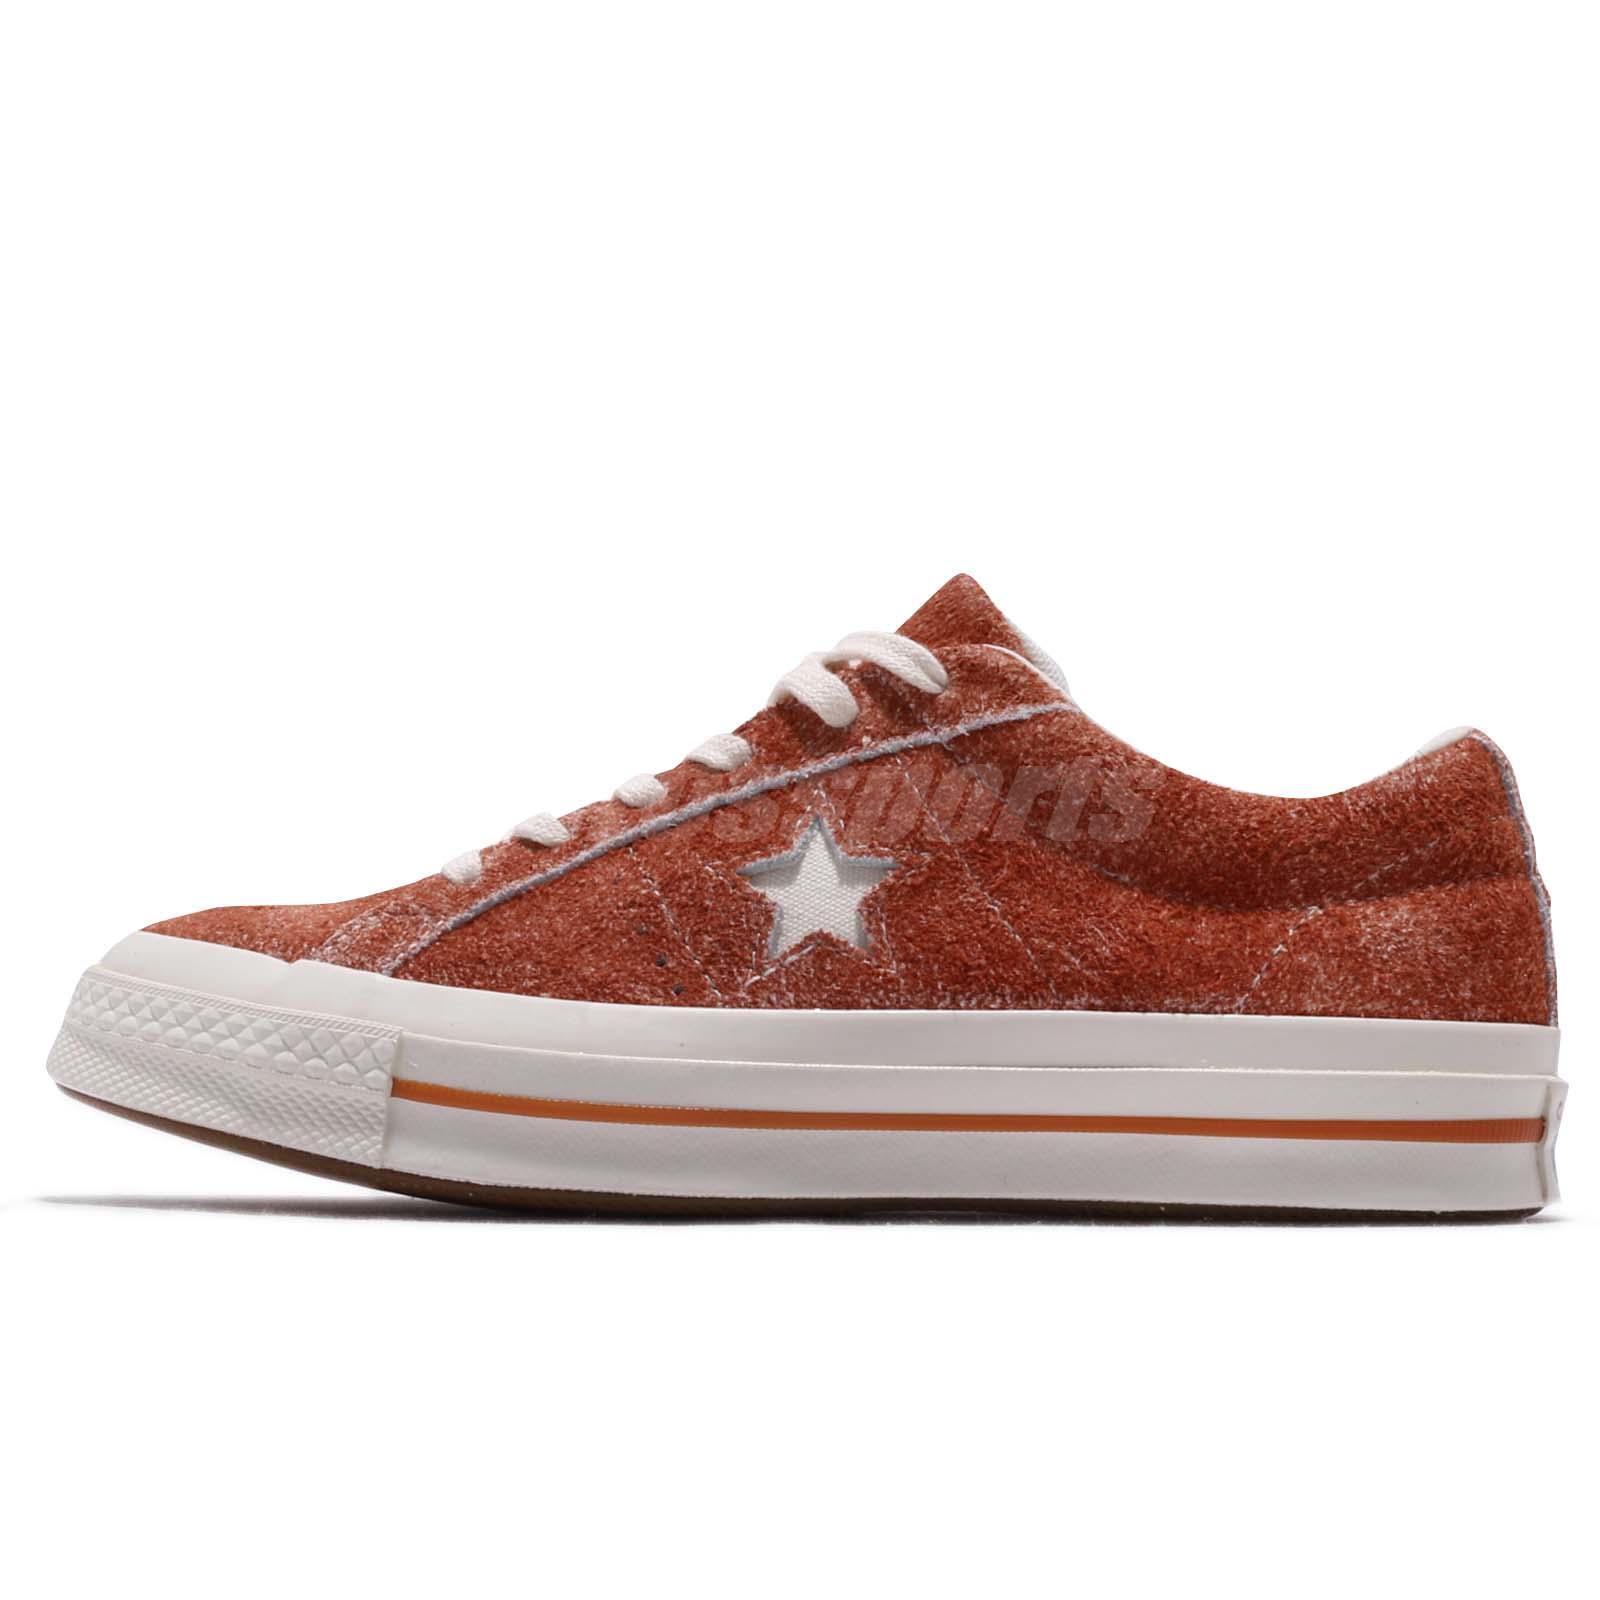 converse one star peach